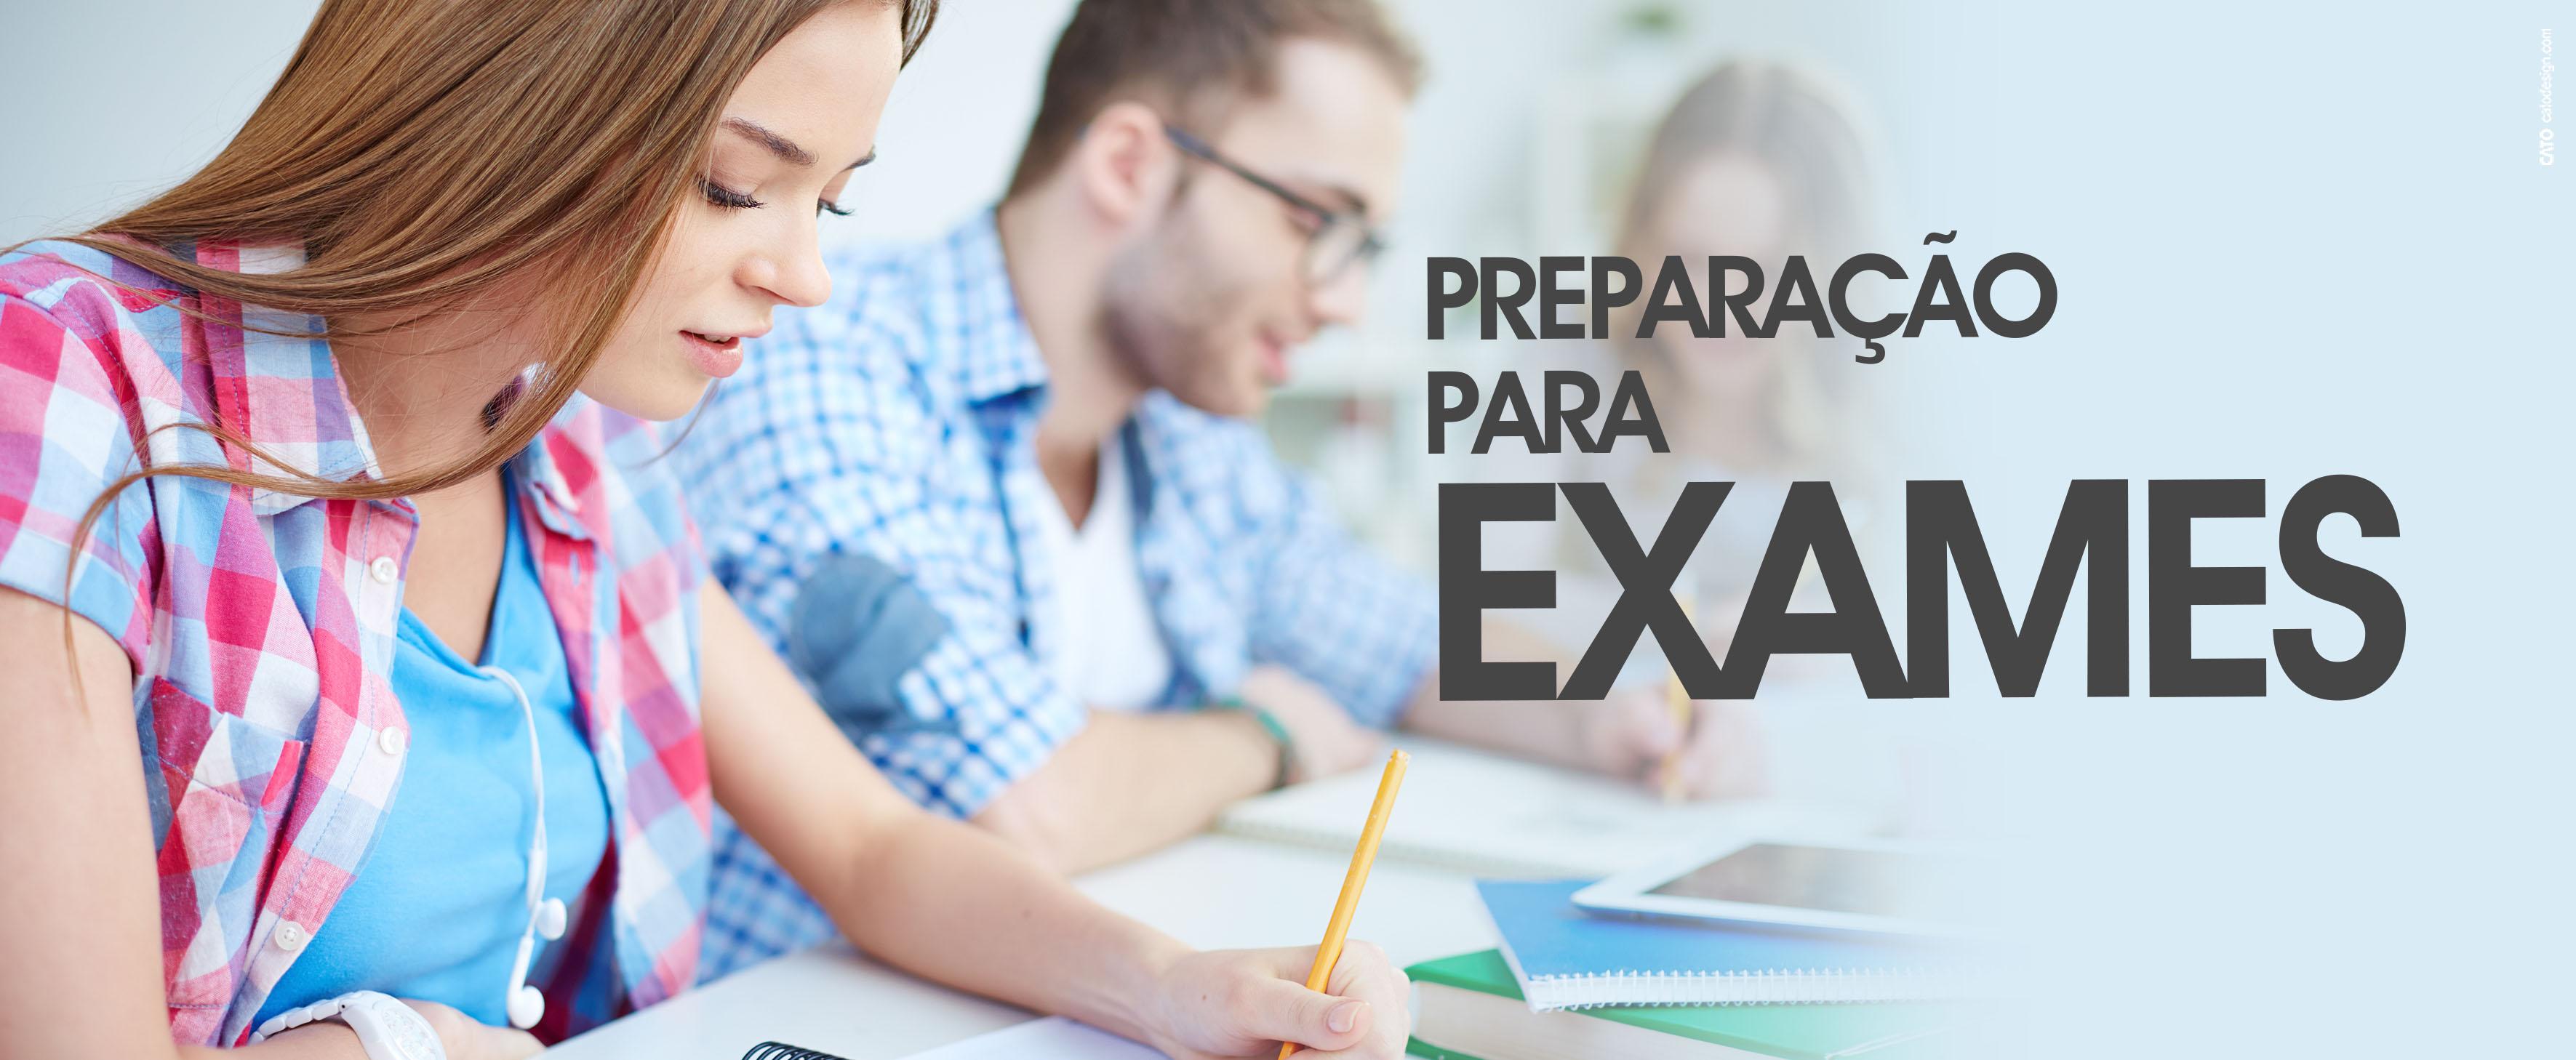 Preparacao Exames 2018